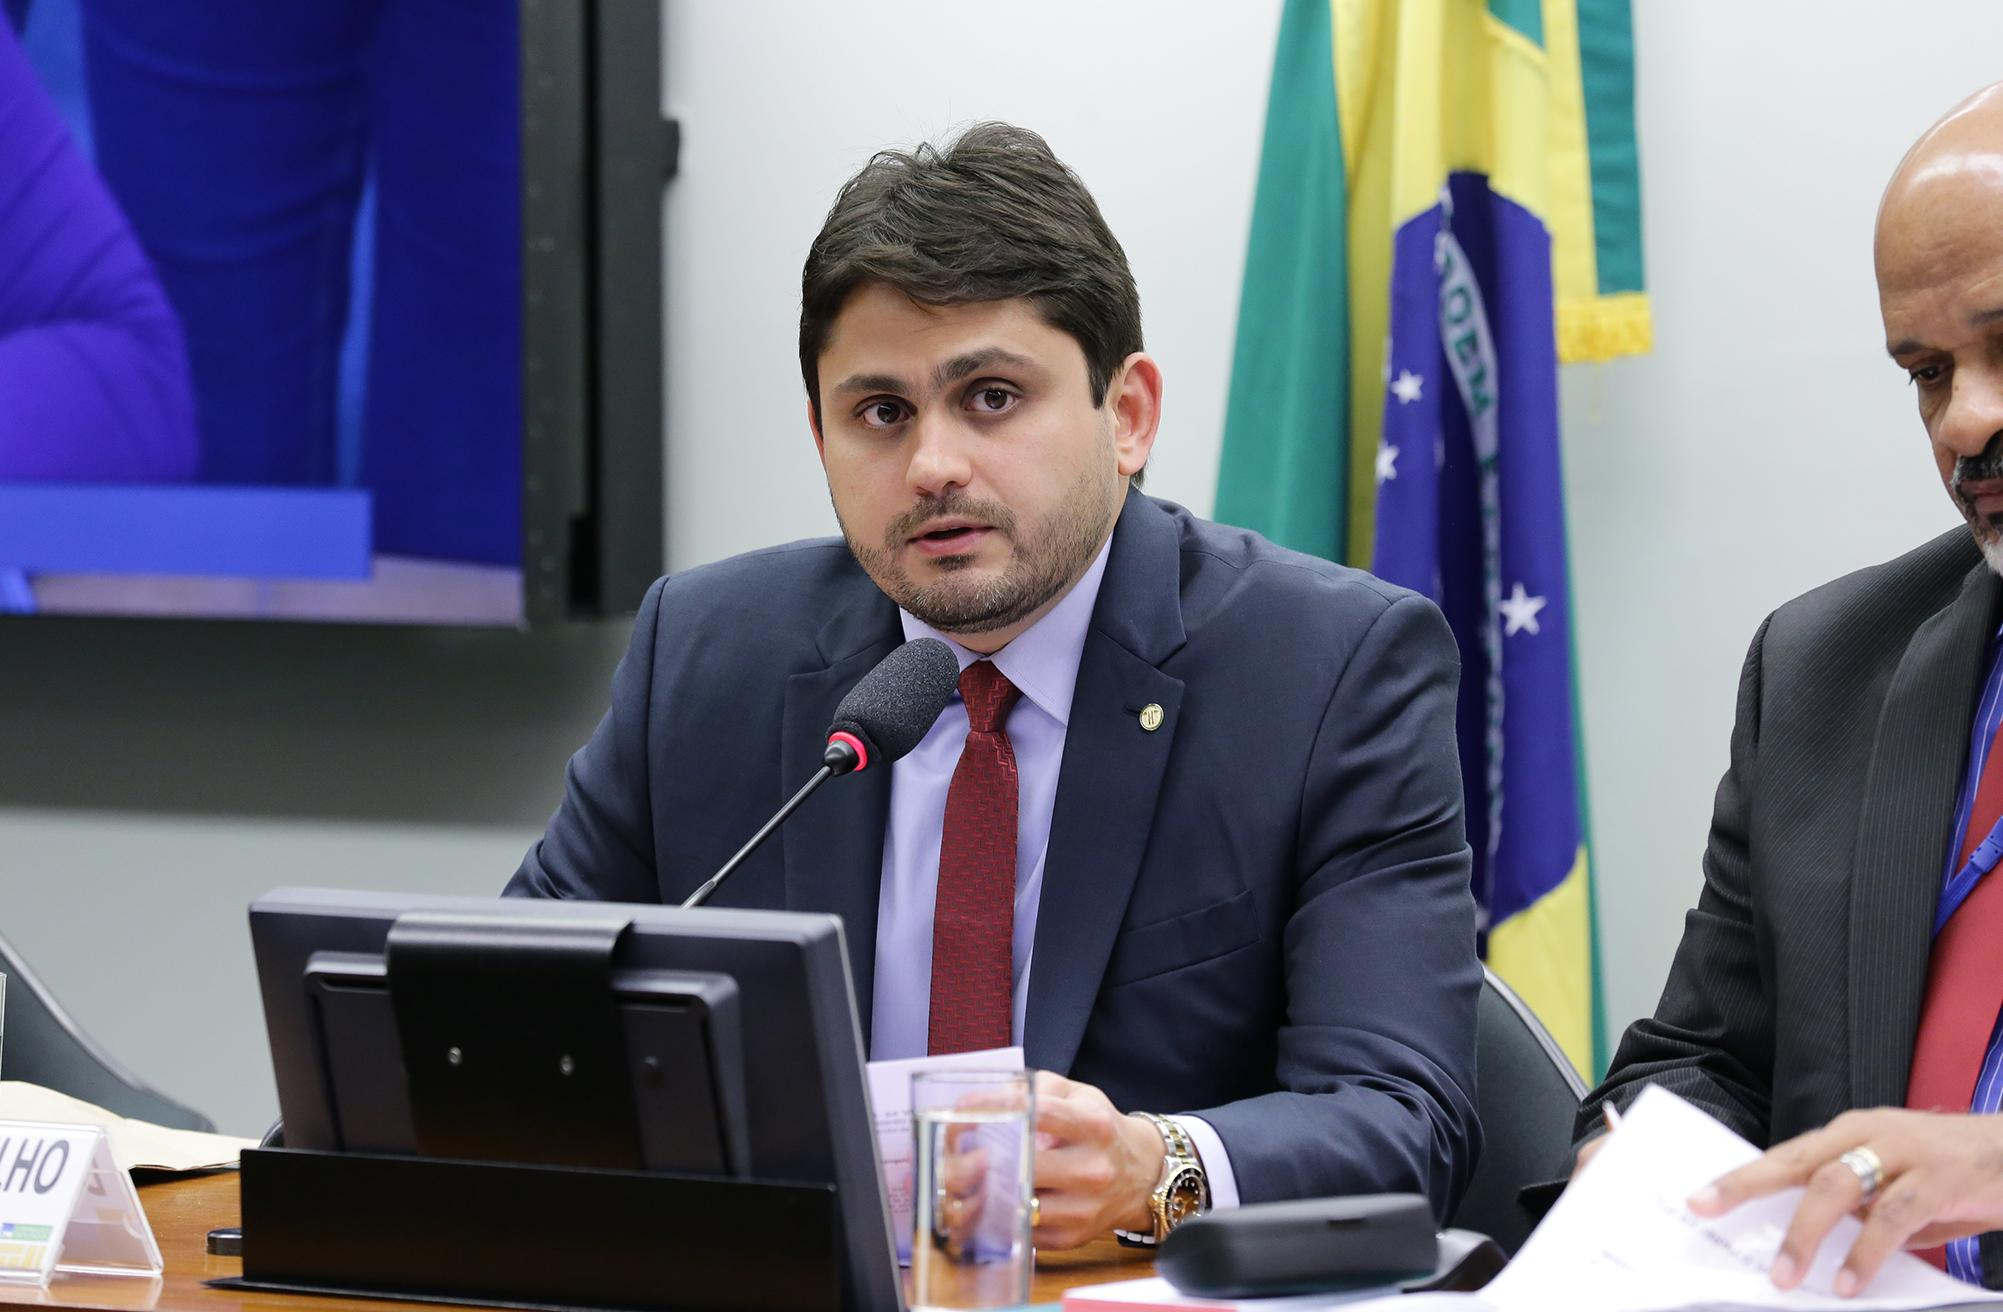 Audiência Pública sobre o diagnóstico e tratamento dos cânceres raros. Dep. Juscelino Filho (DEM - MA)